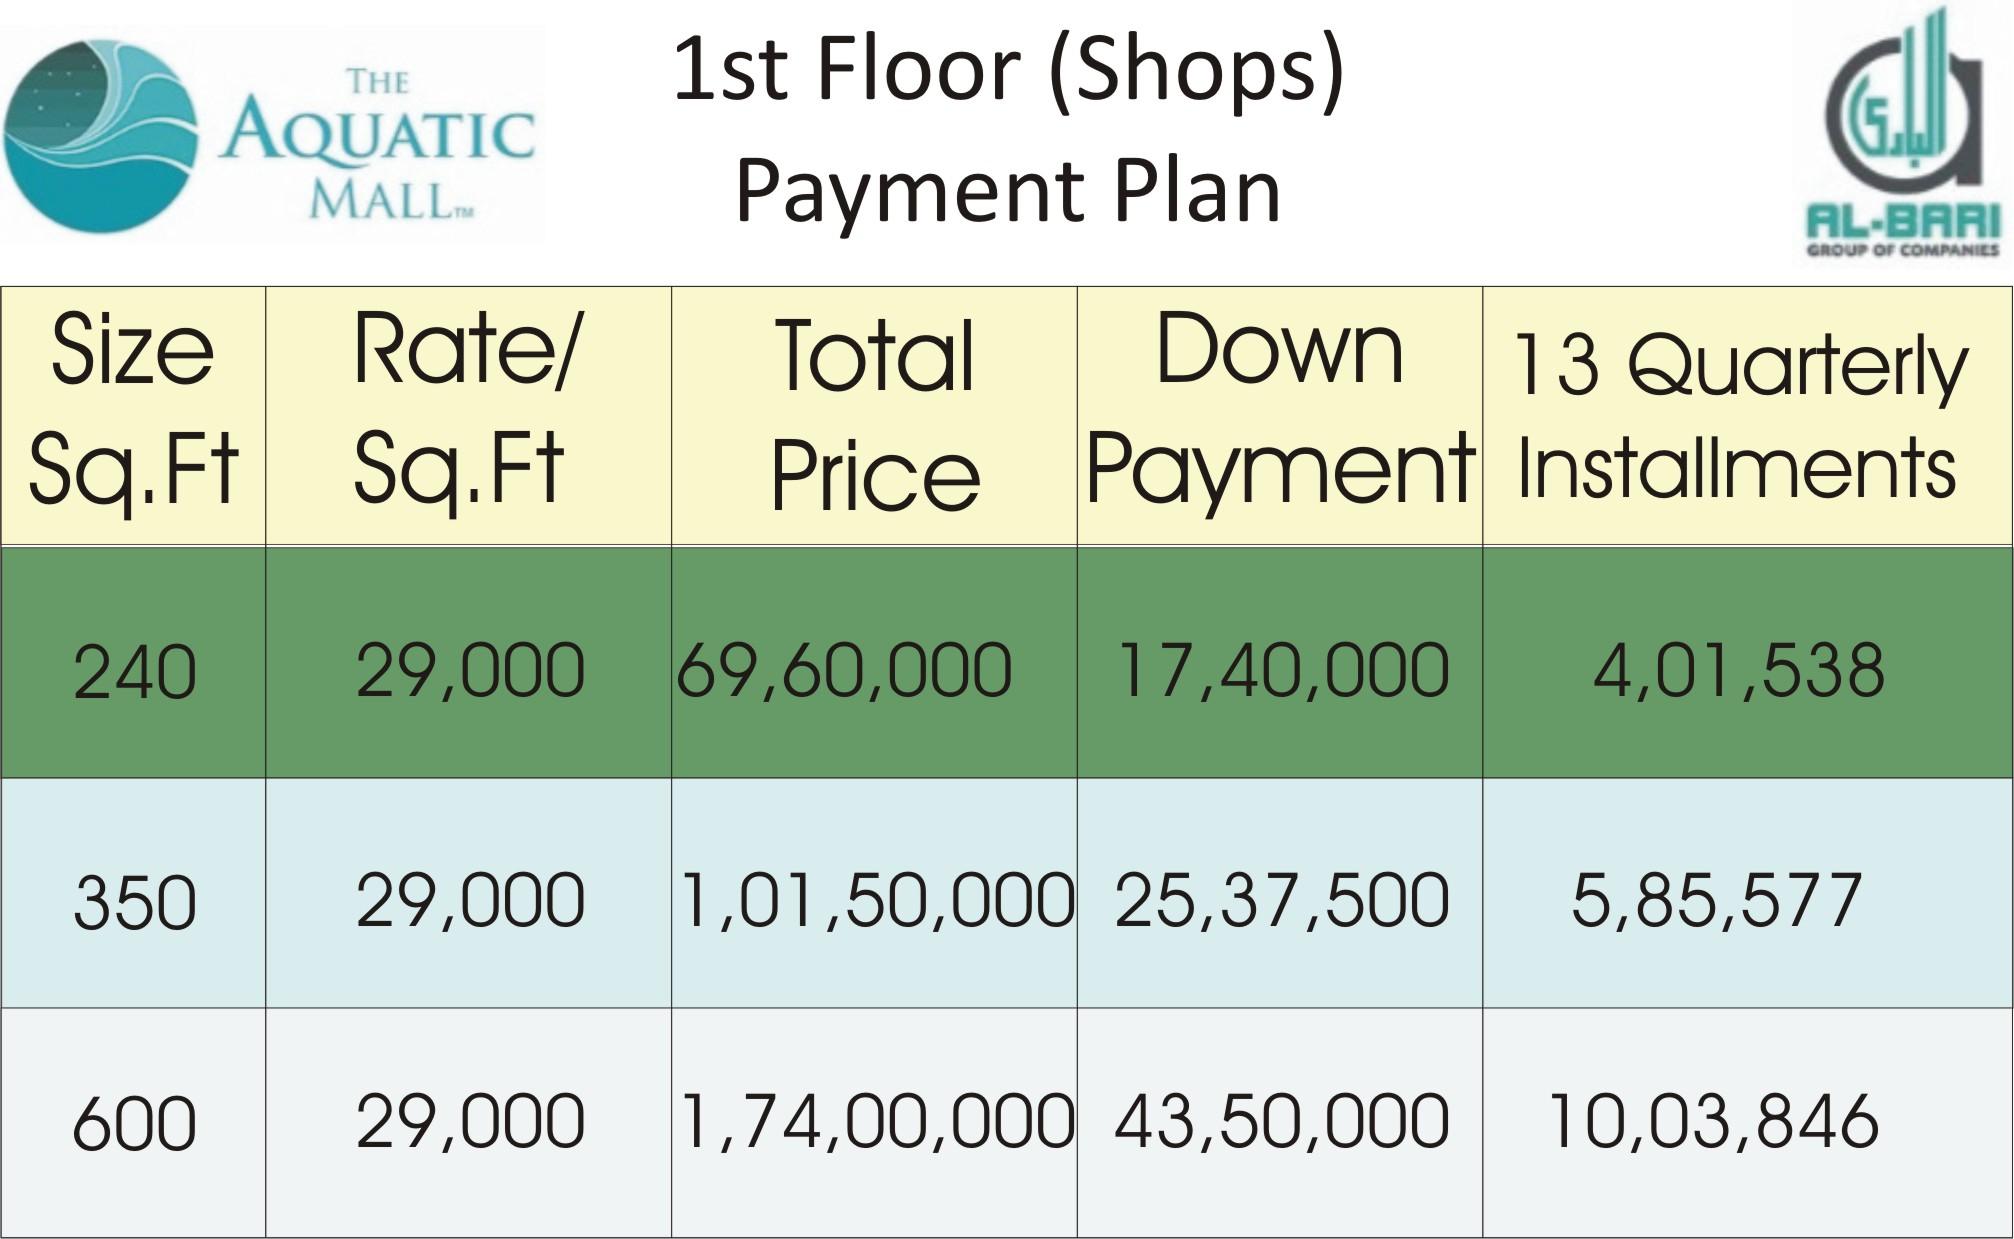 Aquatic Mall 1st Floor Shops Payment Plan